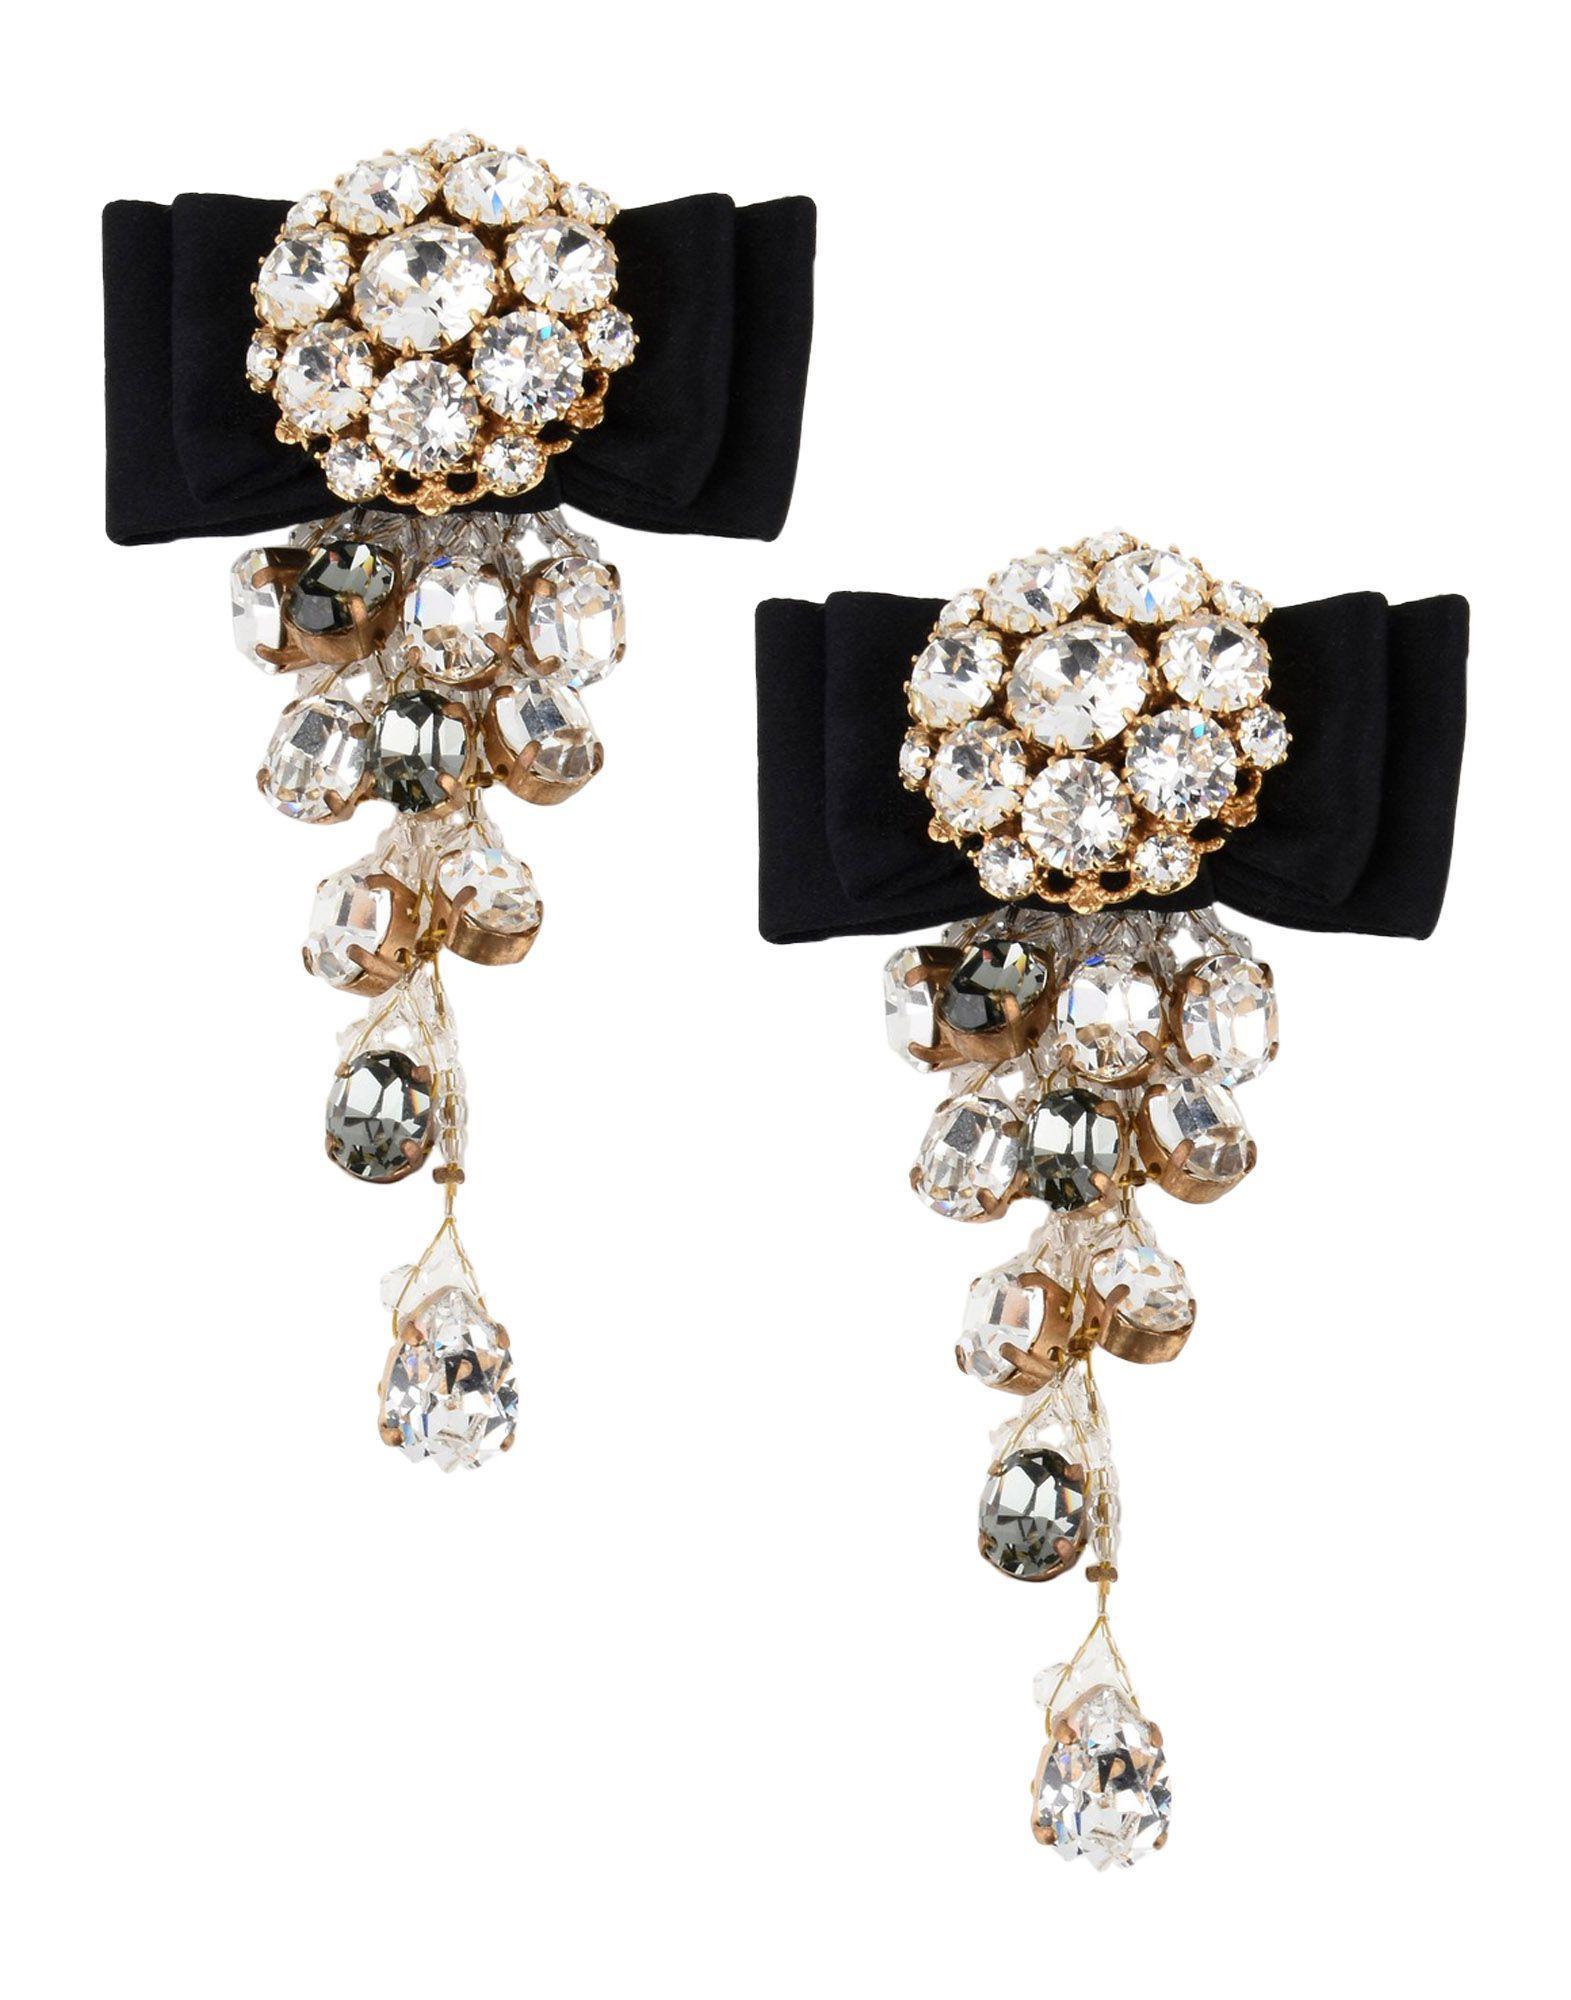 Dolce & Gabbana Earrings In White